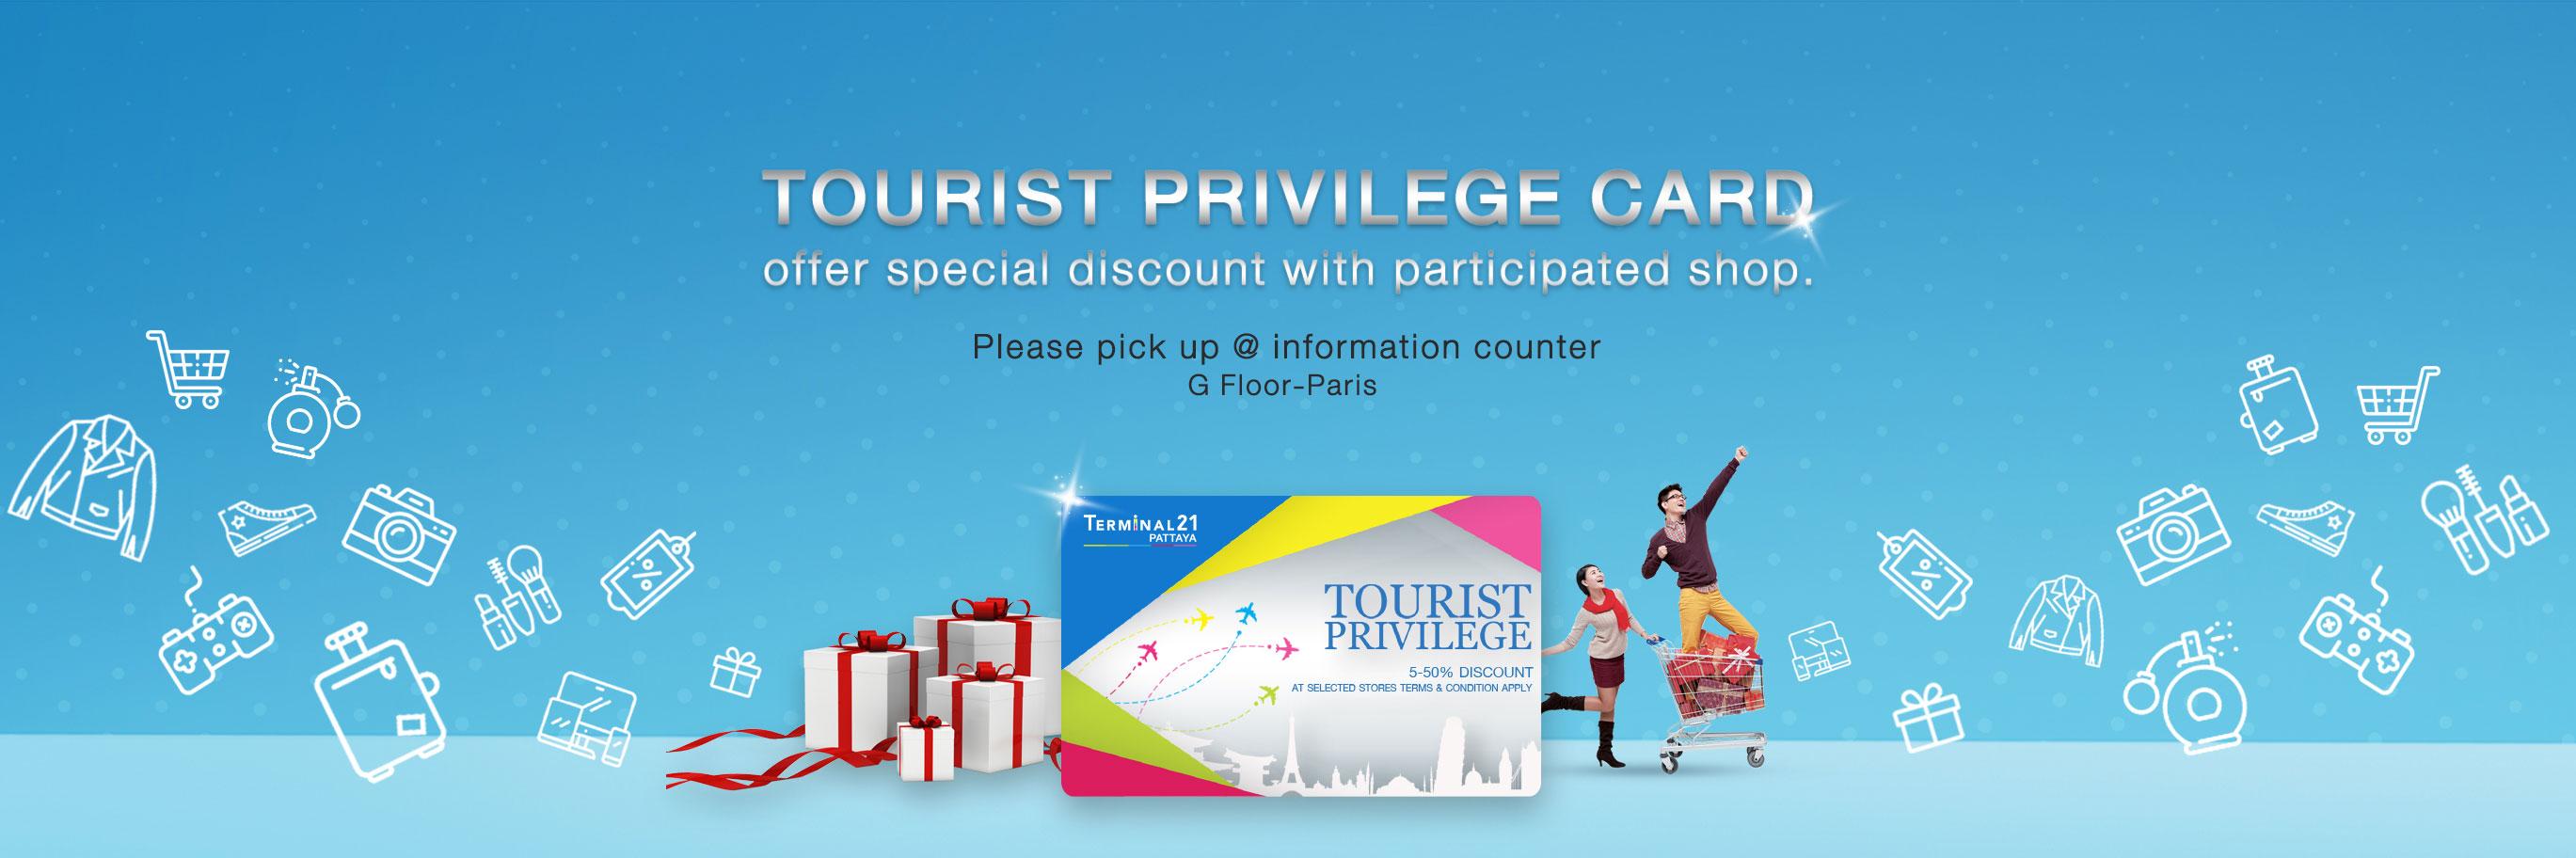 tourist_privilege